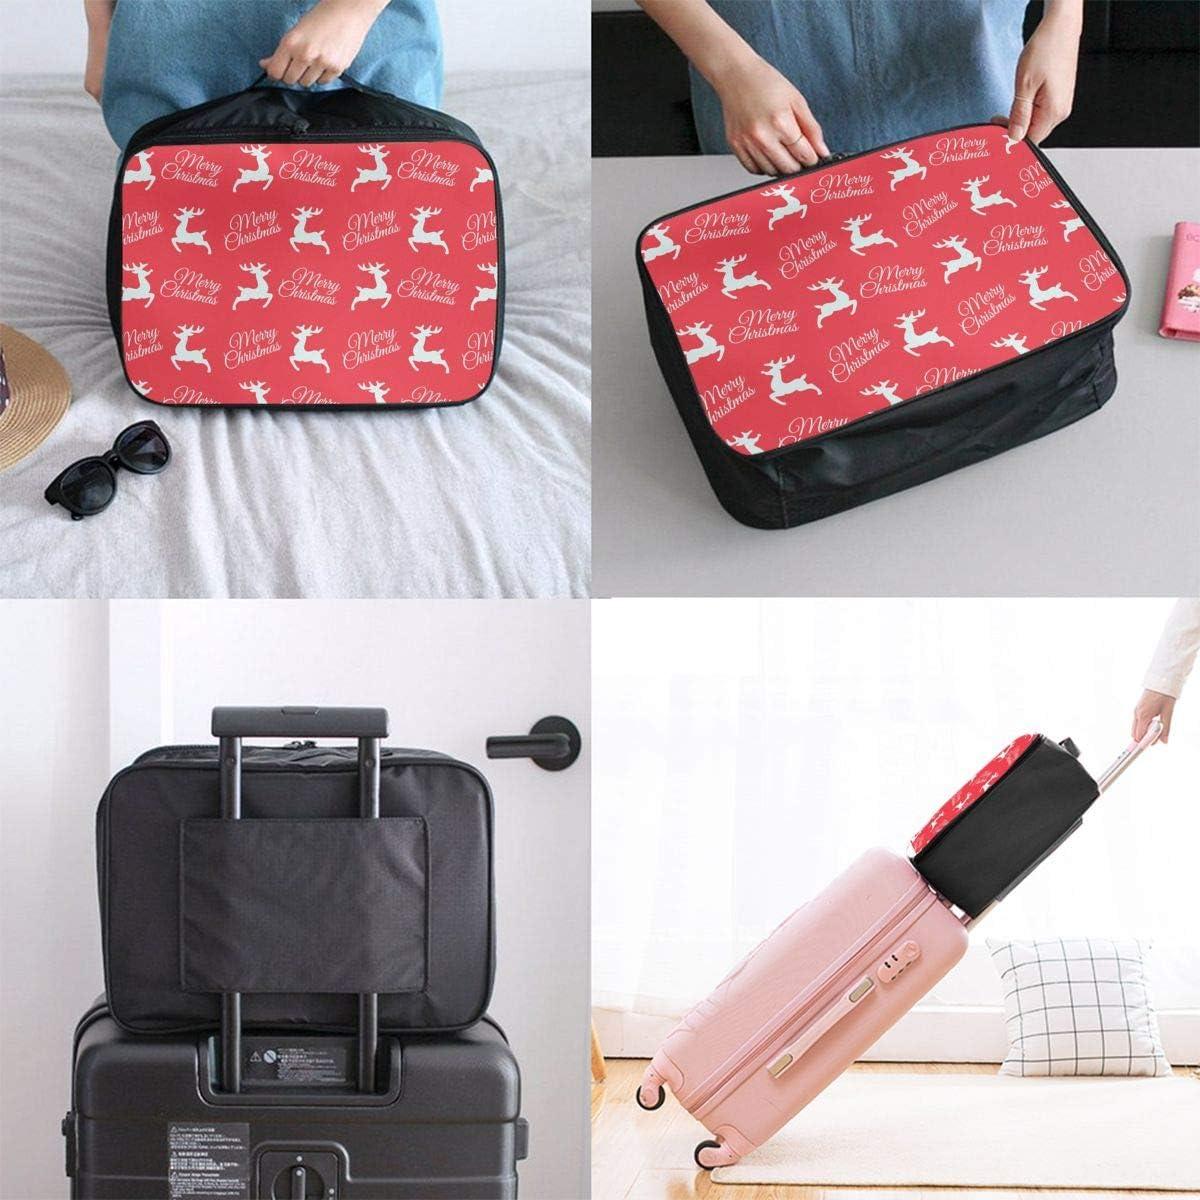 Merry Christmas Deers Travel Carry-on Luggage Weekender Bag Overnight Tote Flight Duffel In Trolley Handle